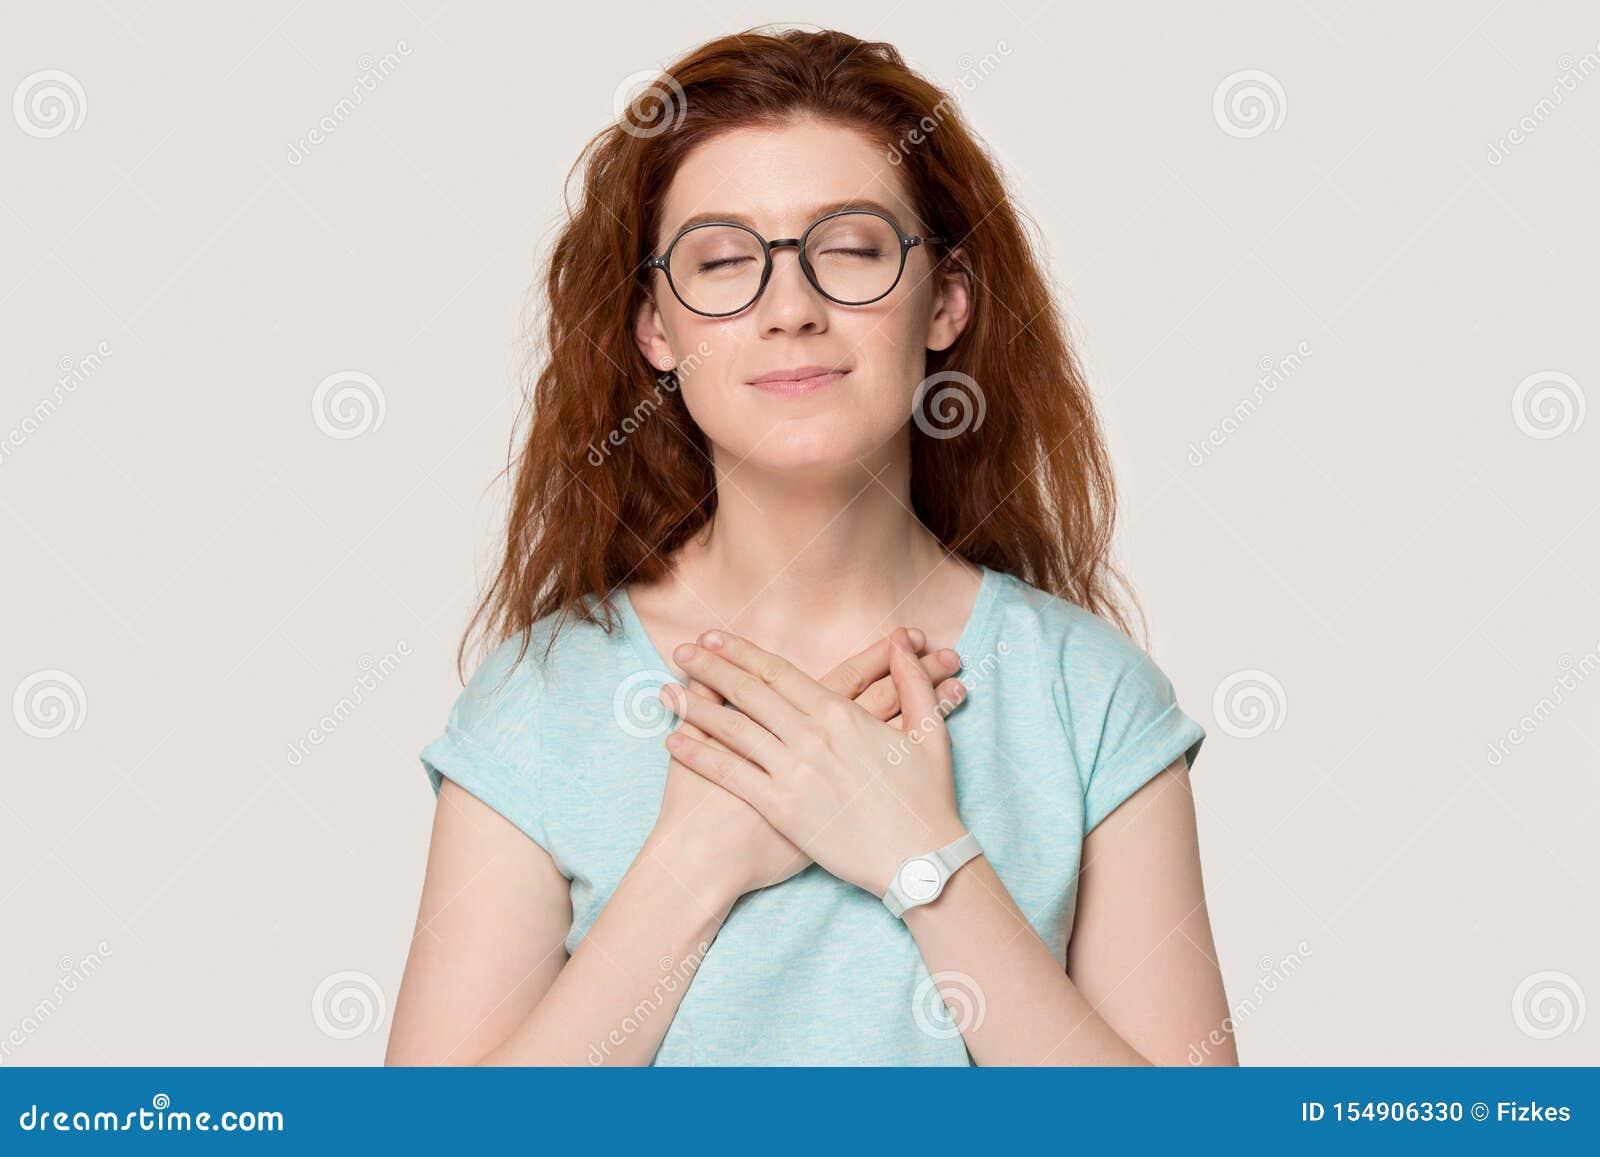 Kobieta zamknięta ona oko chwytów ręki na klatce piersiowej czuje wdzięczność